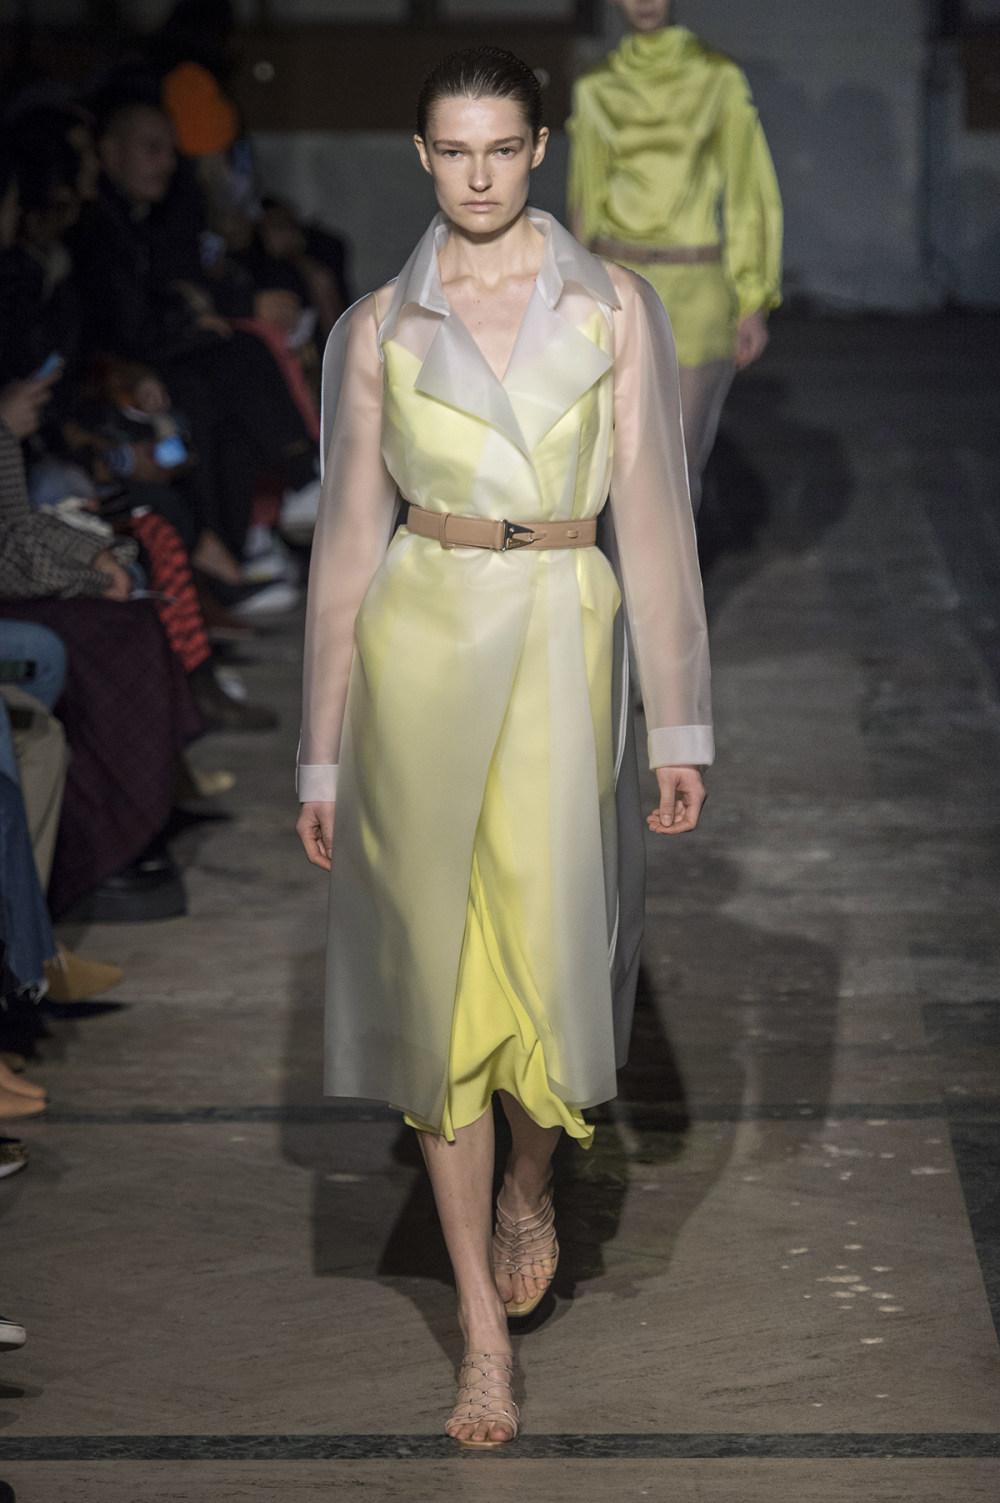 Dion Lee没有紧身衣的连衣裙被聚集或扭曲保持调色板的简约和奢华-22.jpg